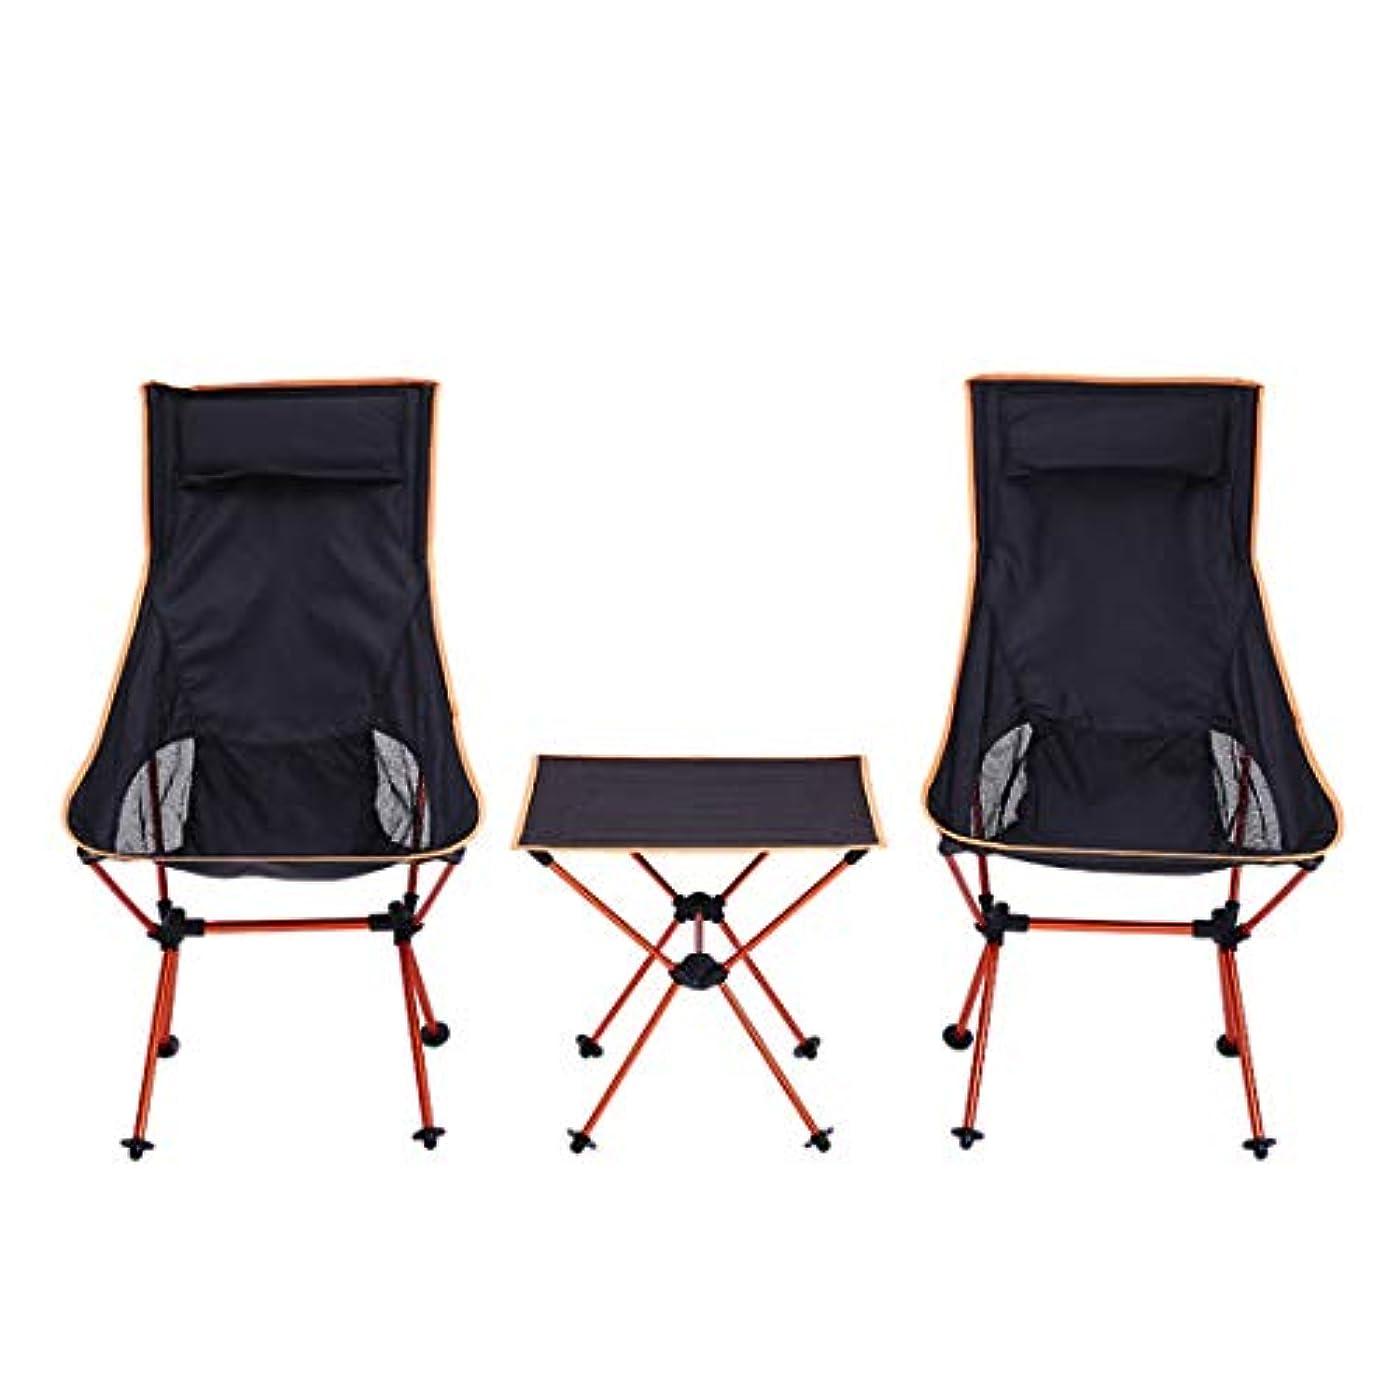 はげ忠実に毎年アウトドアチェア 折畳式携帯椅子 折りたたみ ヘッドレスト テーブル 3点セット 家族 耐荷重120kg 組み立て コンパクト椅子 専用ケース付き キャンプ用品 お釣り キャンプ バーベキュー ウルトラライトチェア